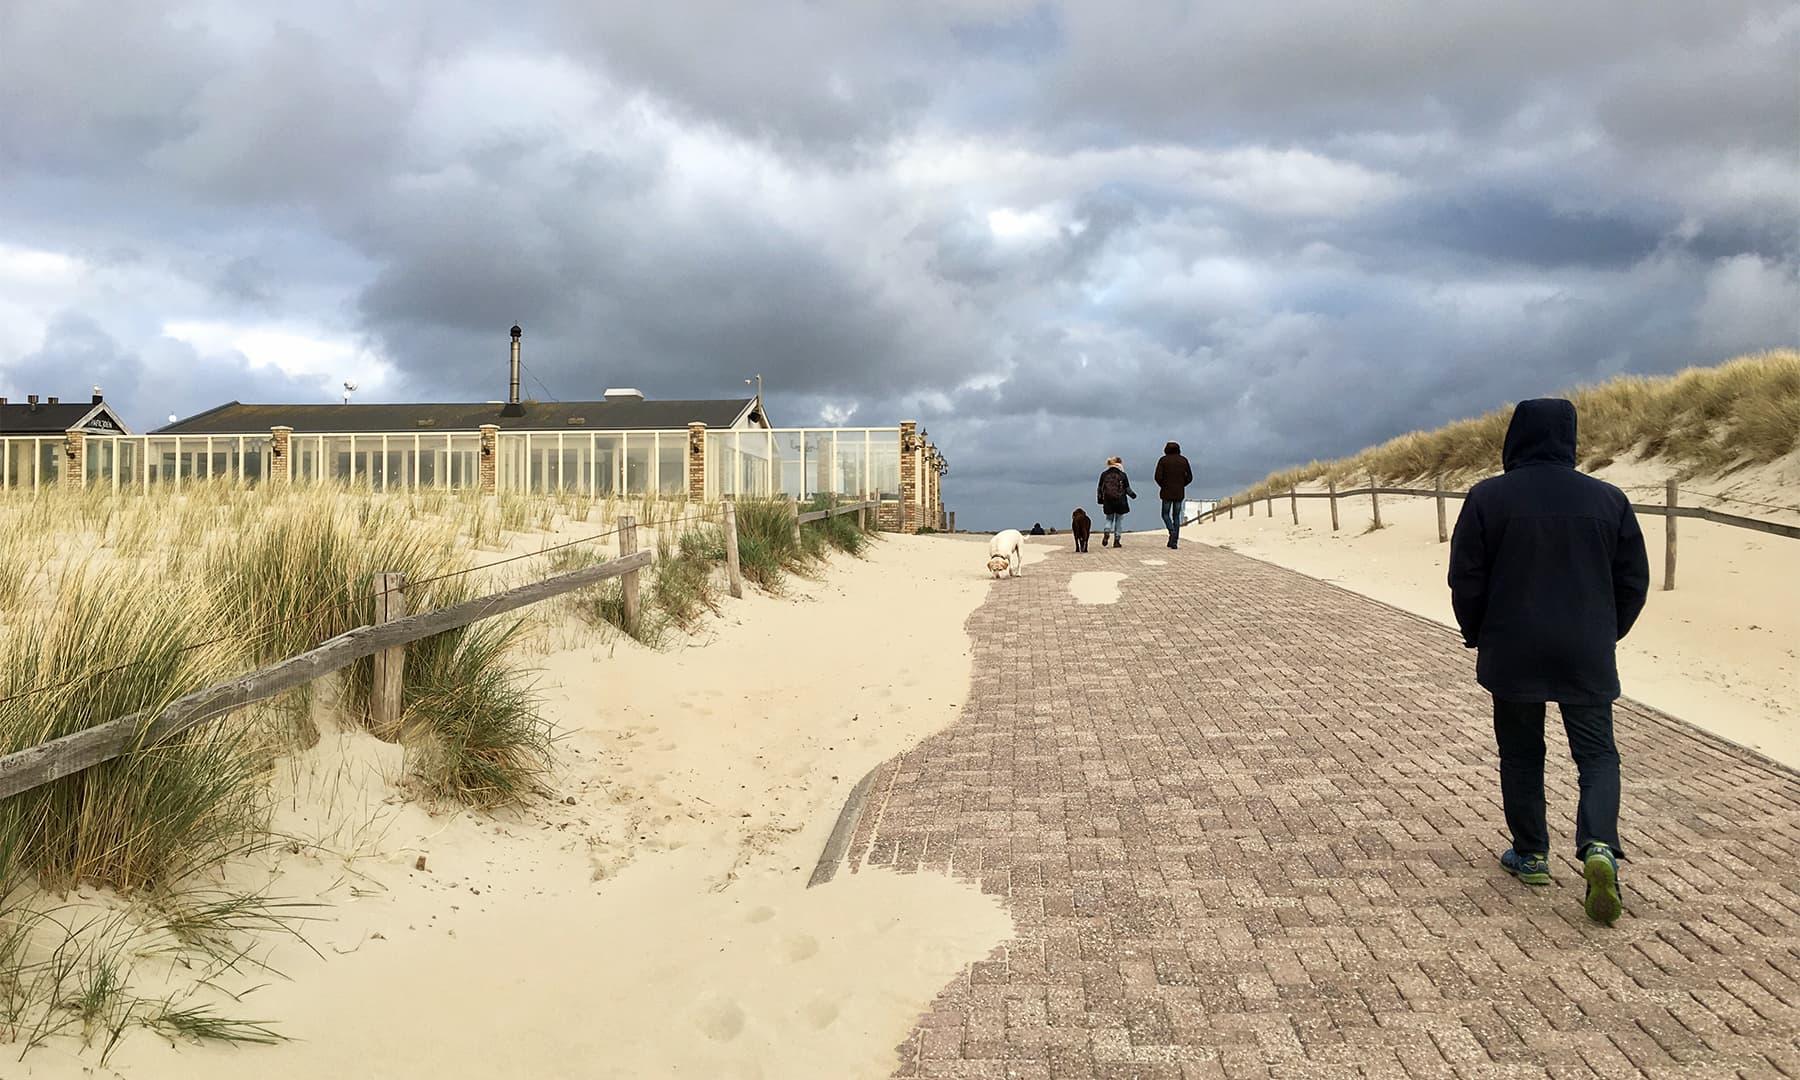 ساحل کے ساتھ ساتھ ریت کے ٹیلوں کے درمیان بل کھاتے راستے